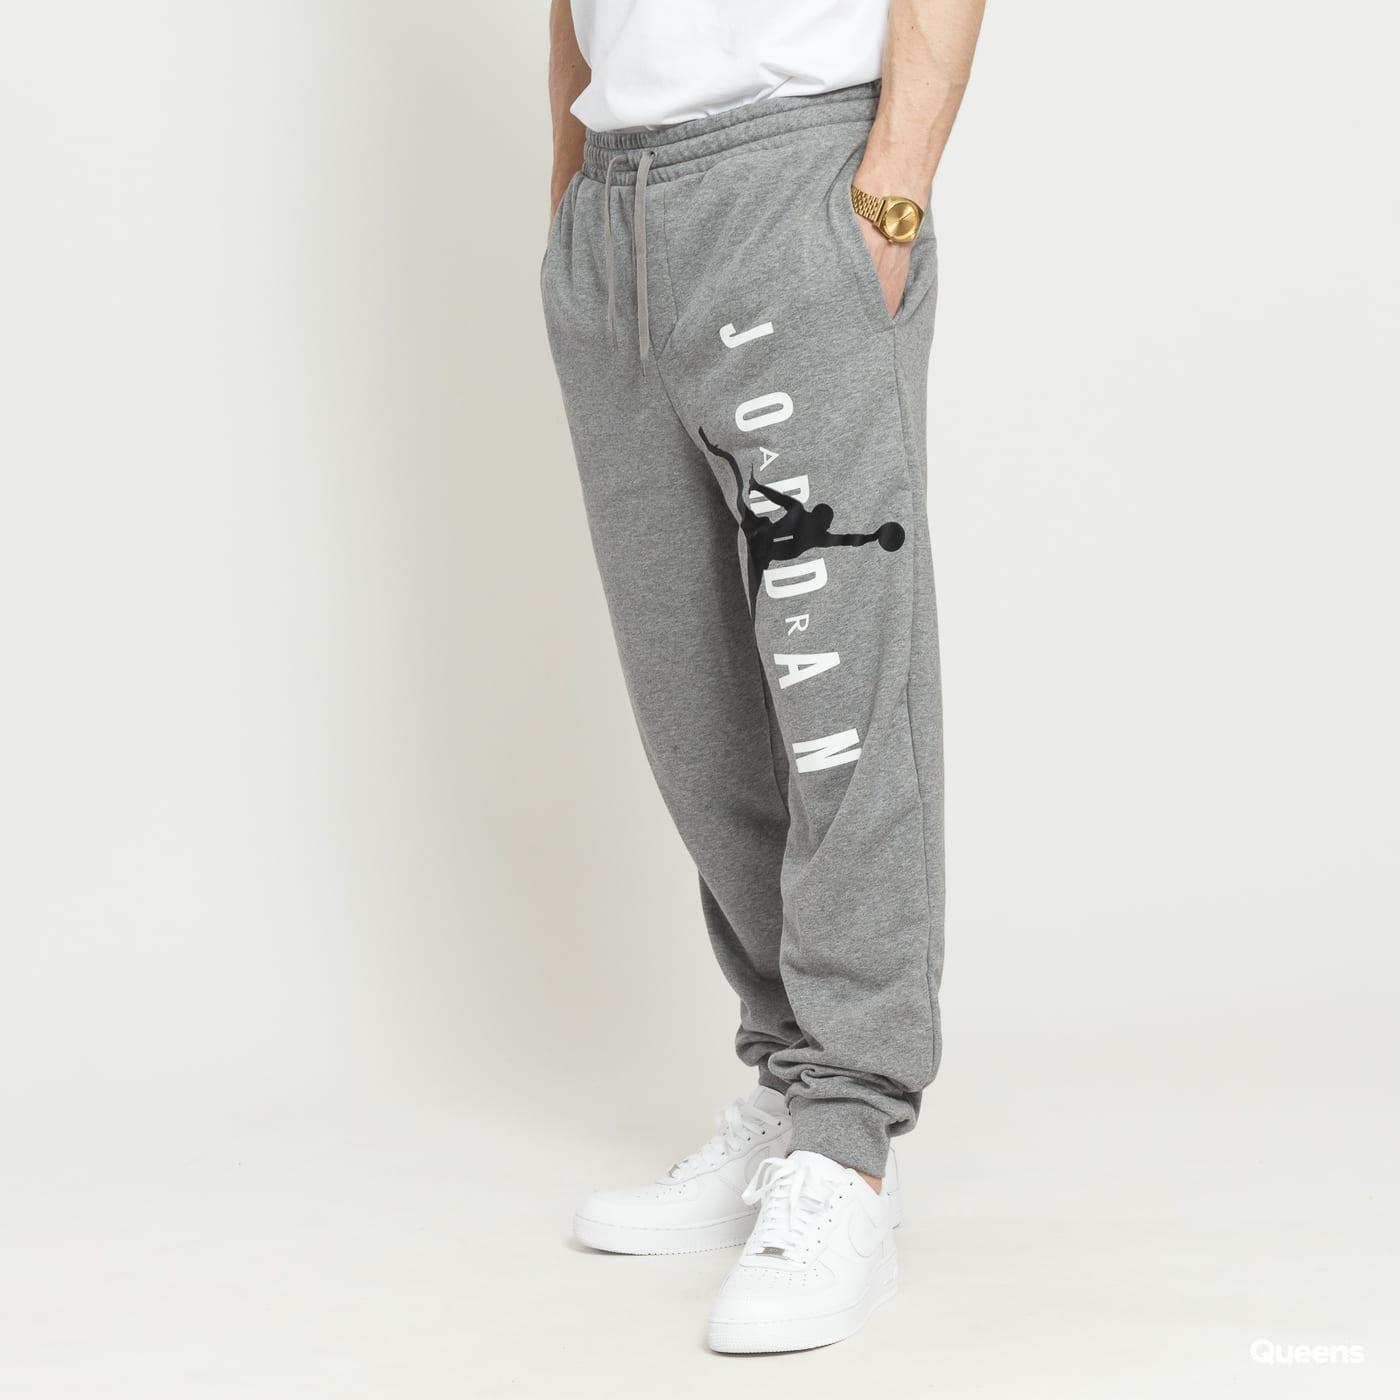 promo code 2b2e1 ec097 Sweatpants Jordan Jumpman Air LWT Fleece Pant (AQ0031-091)– Queens 💚